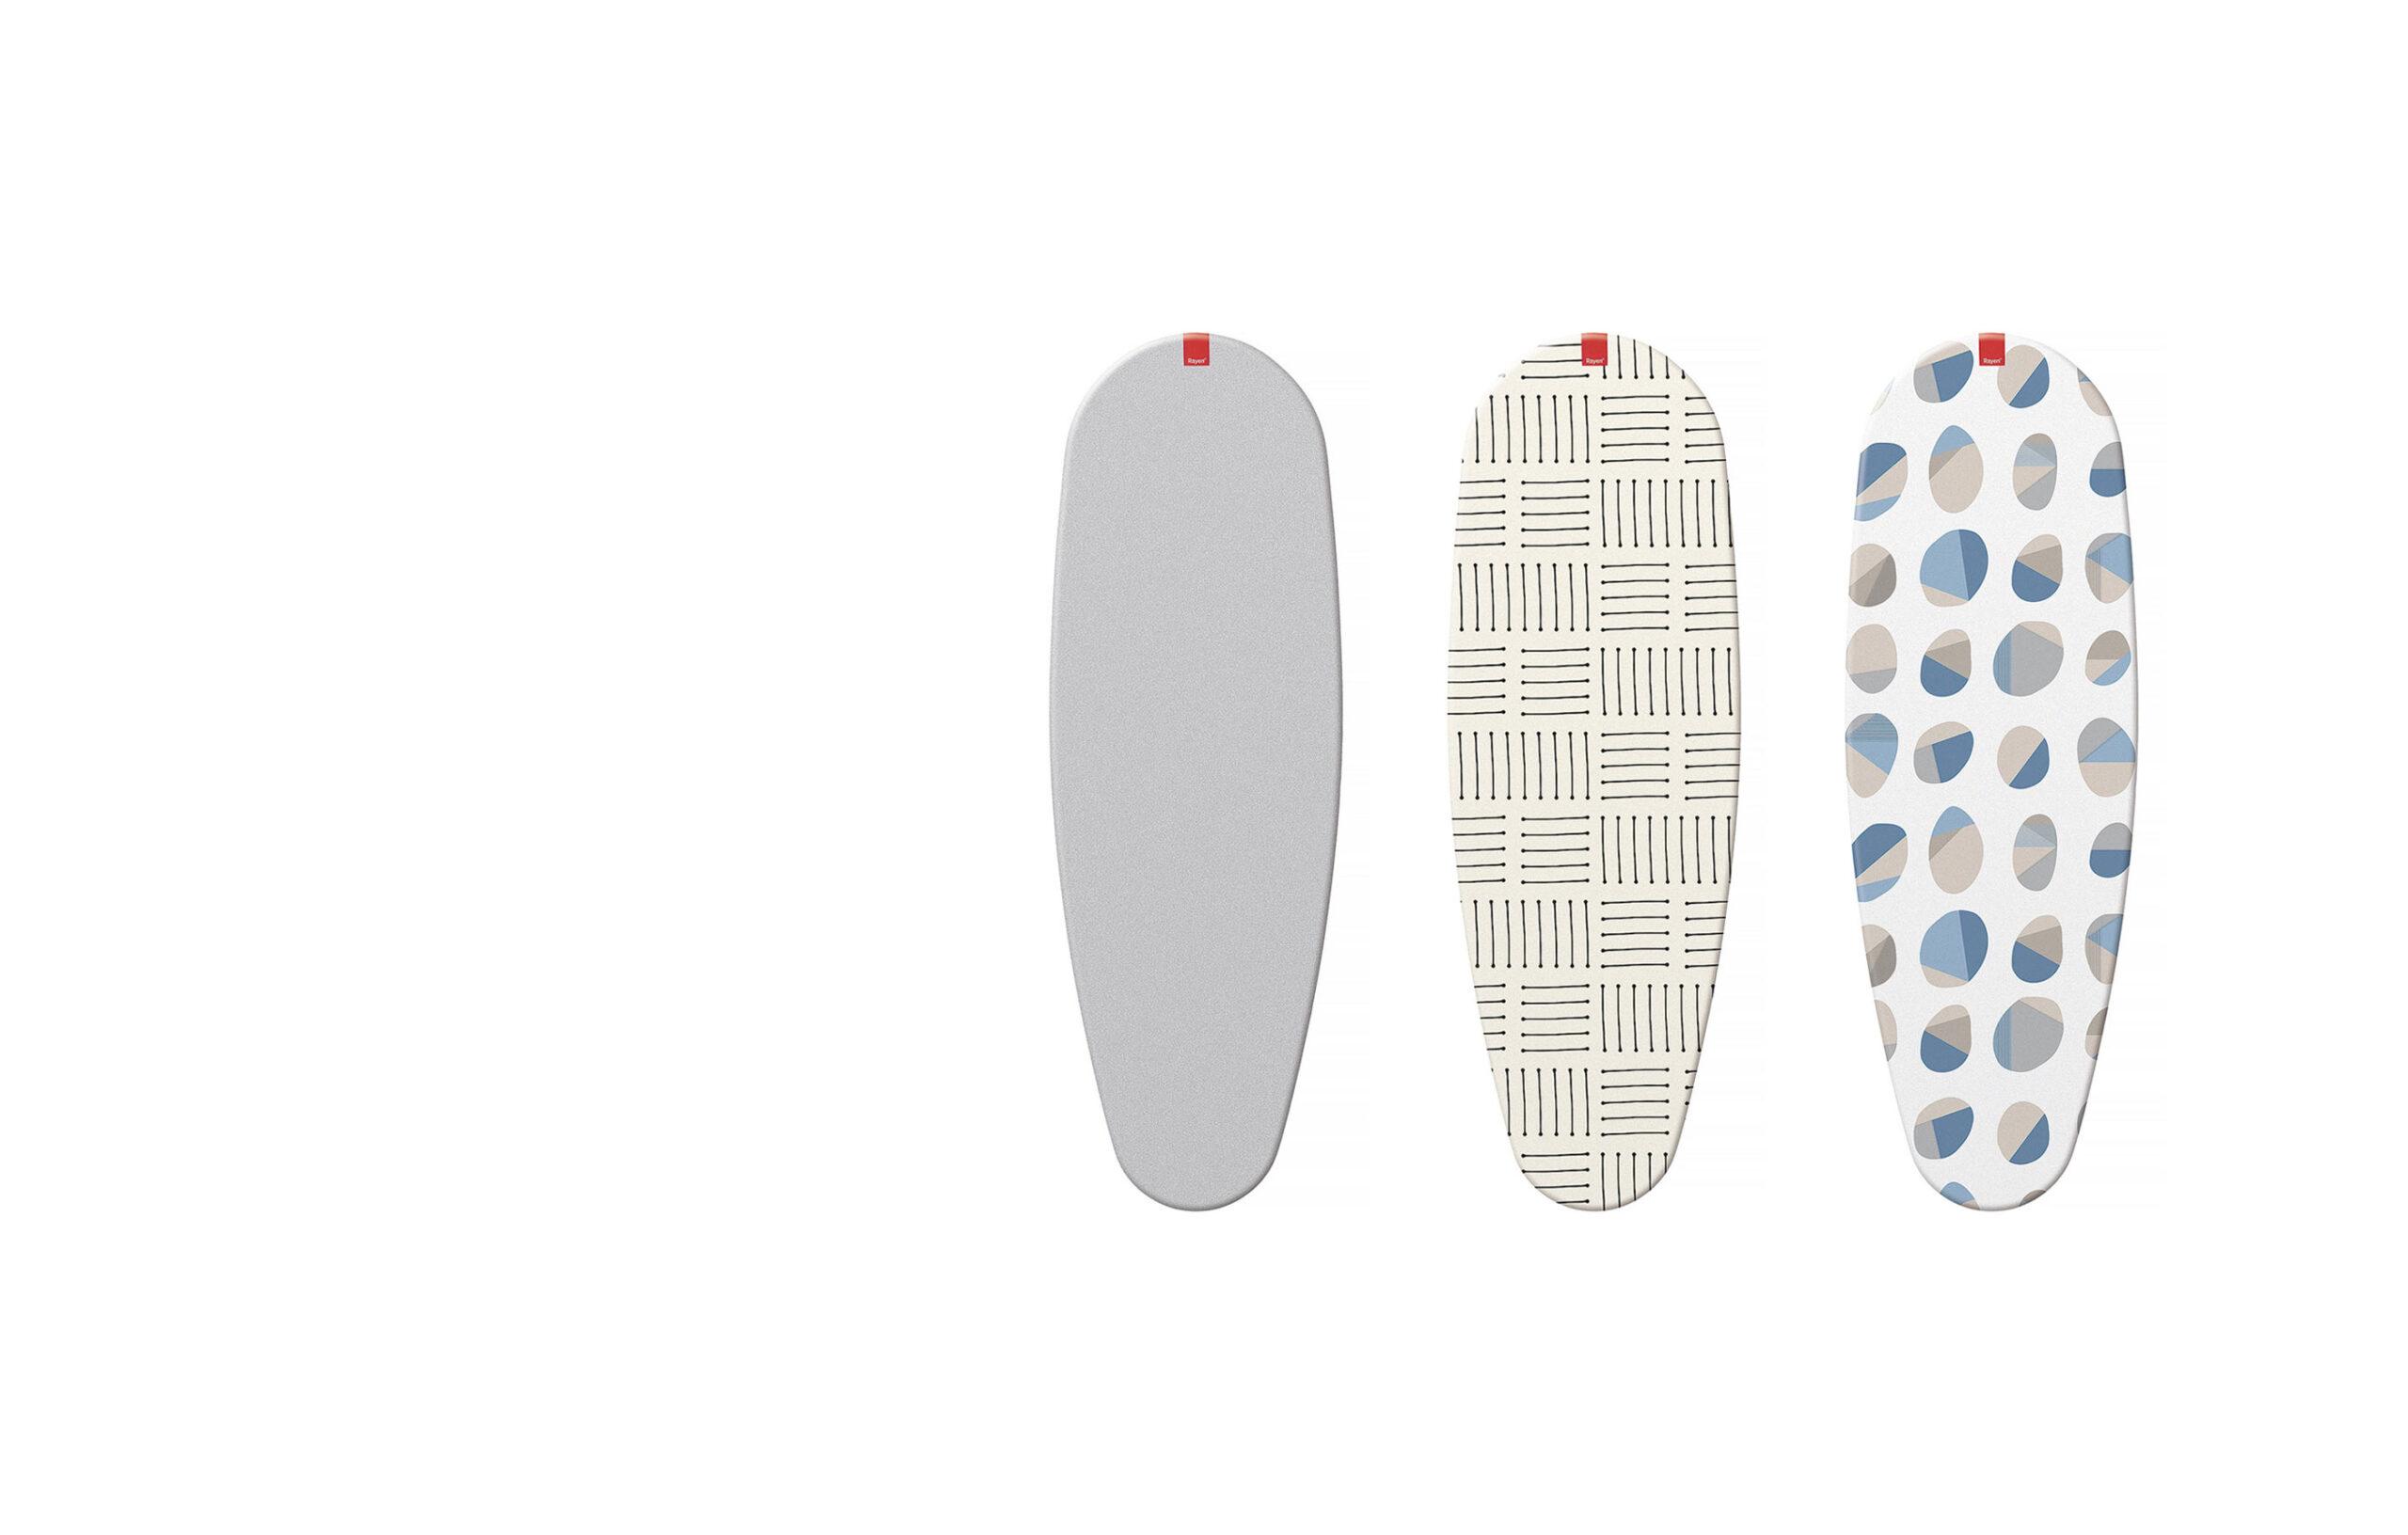 slider-fundas-1-scaled Rayen | Soluciones innovadoras para el hogar | Fundas para tabla de planchar con elástico 3 | Rayen.com